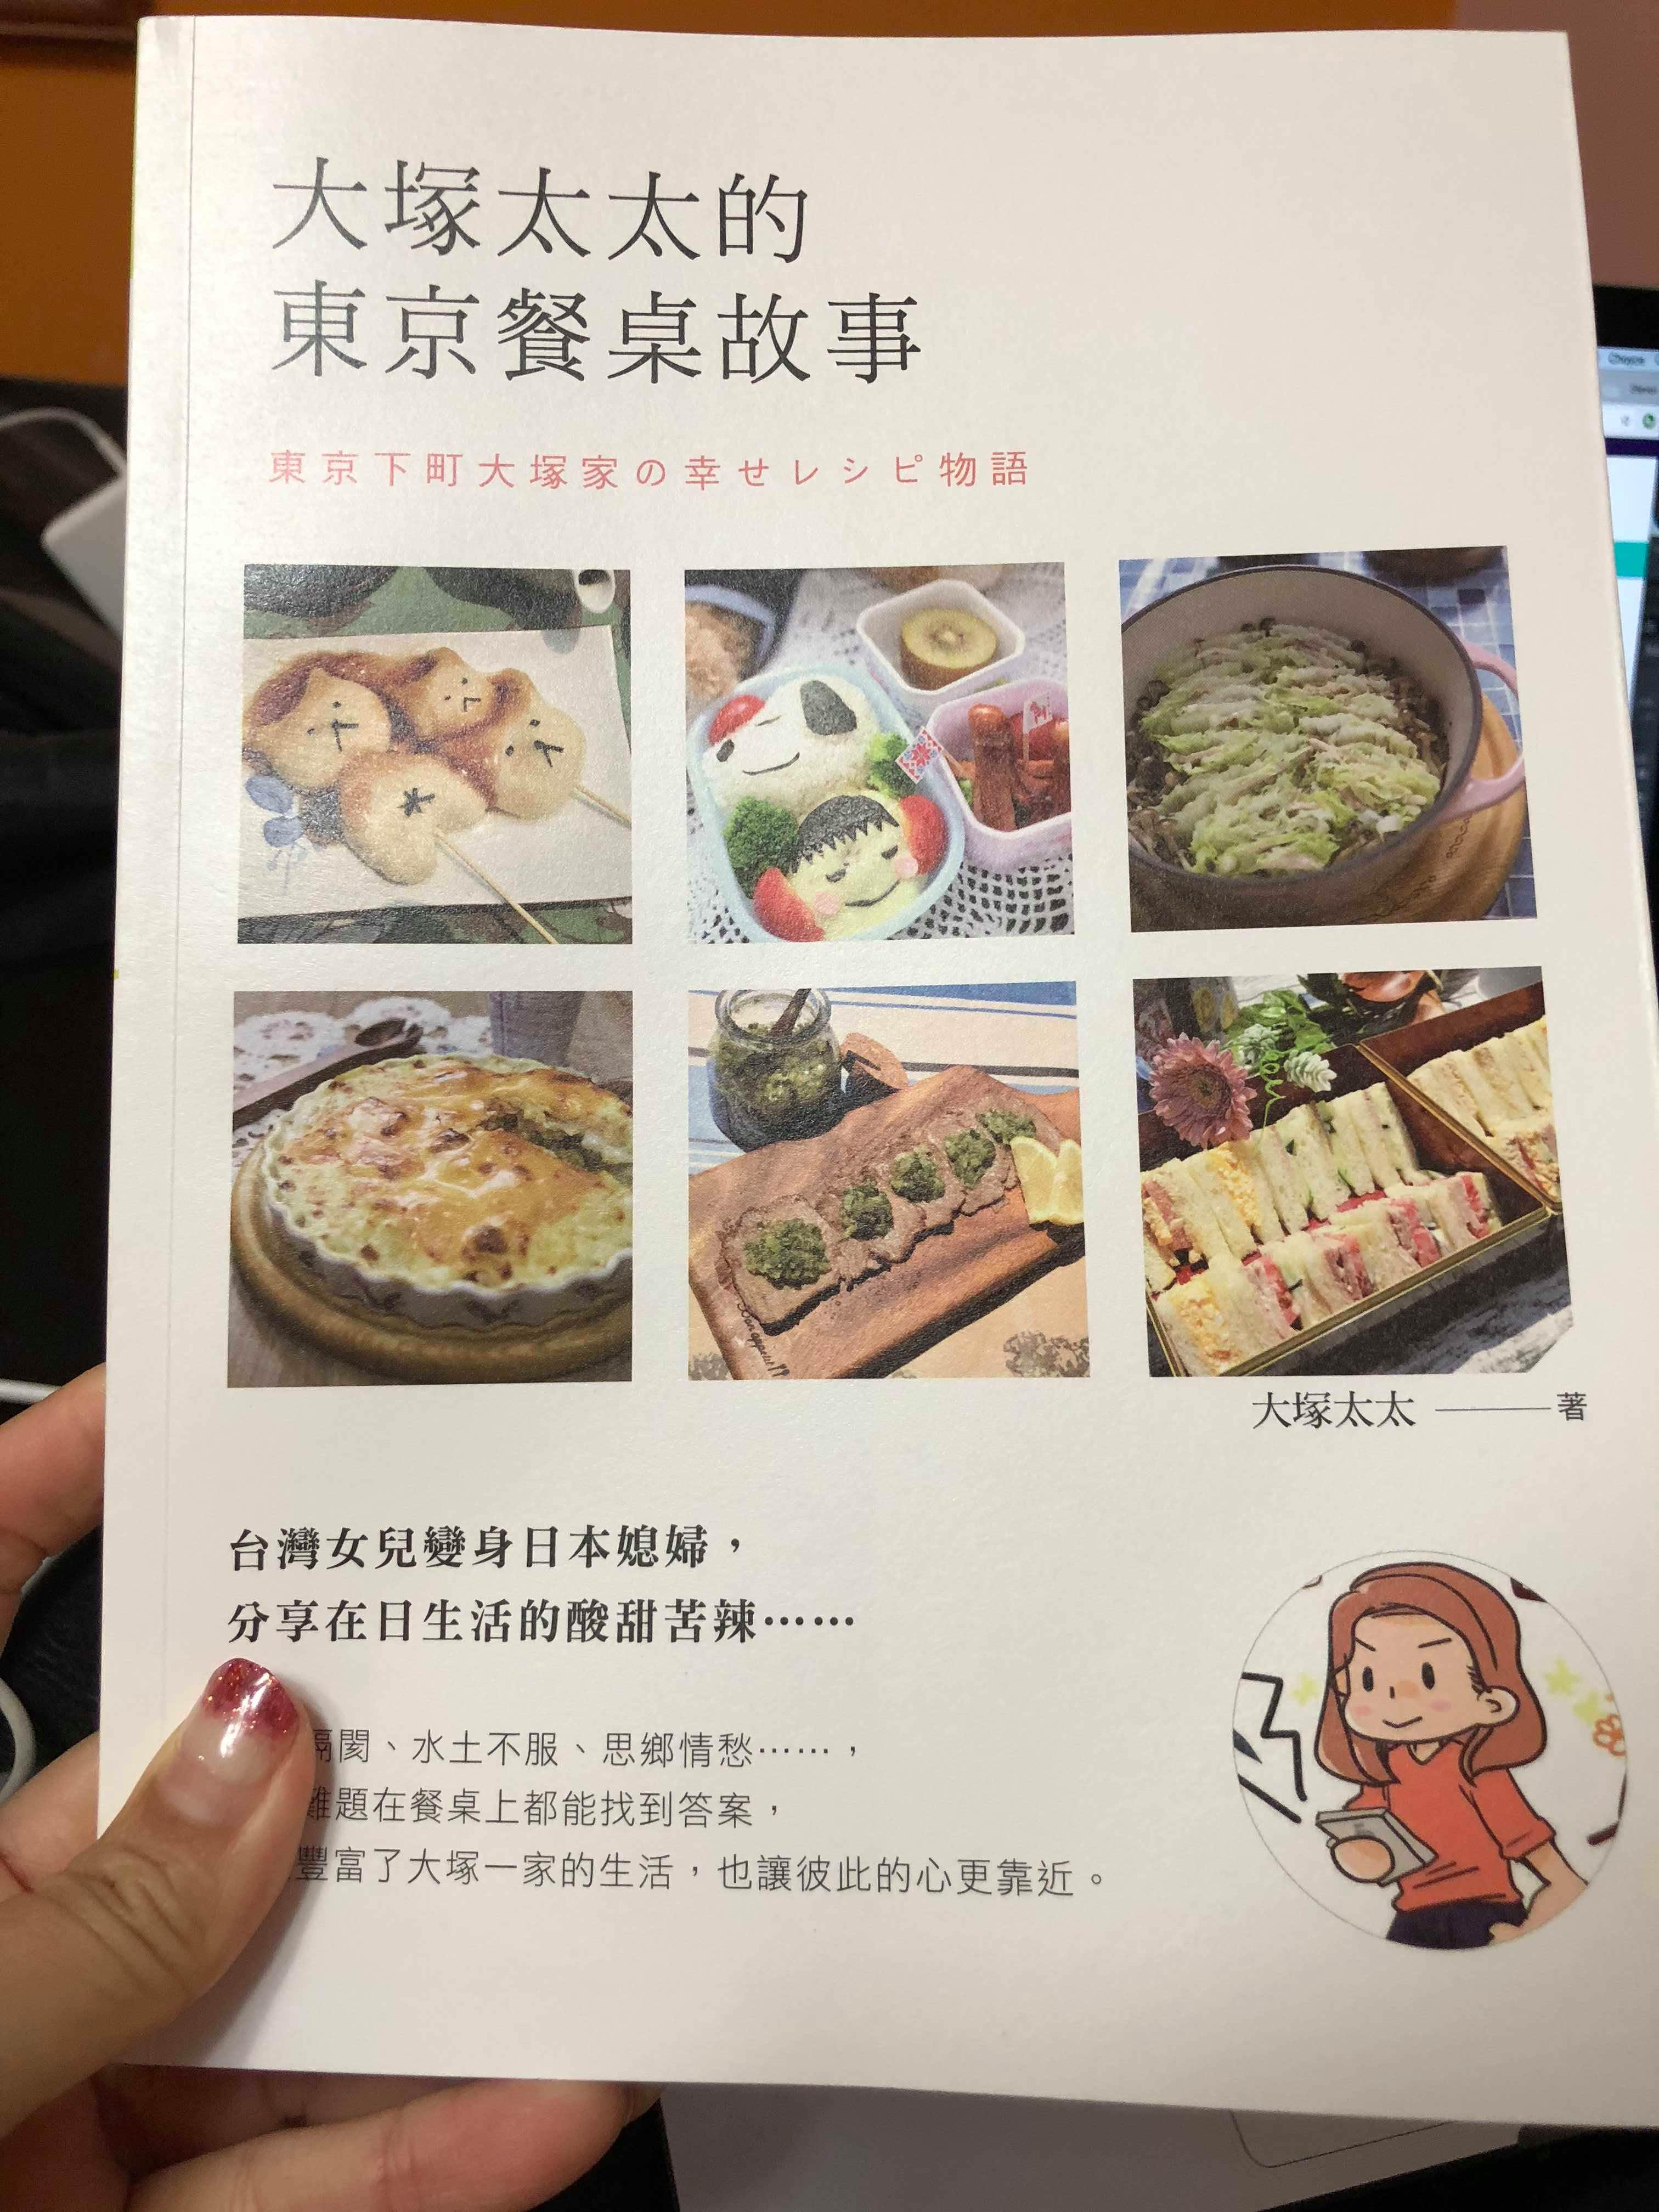 台灣女兒變成日本媳婦 原來跟你想的不一樣 『大塚太太東京在住中』寫『日台餐桌』